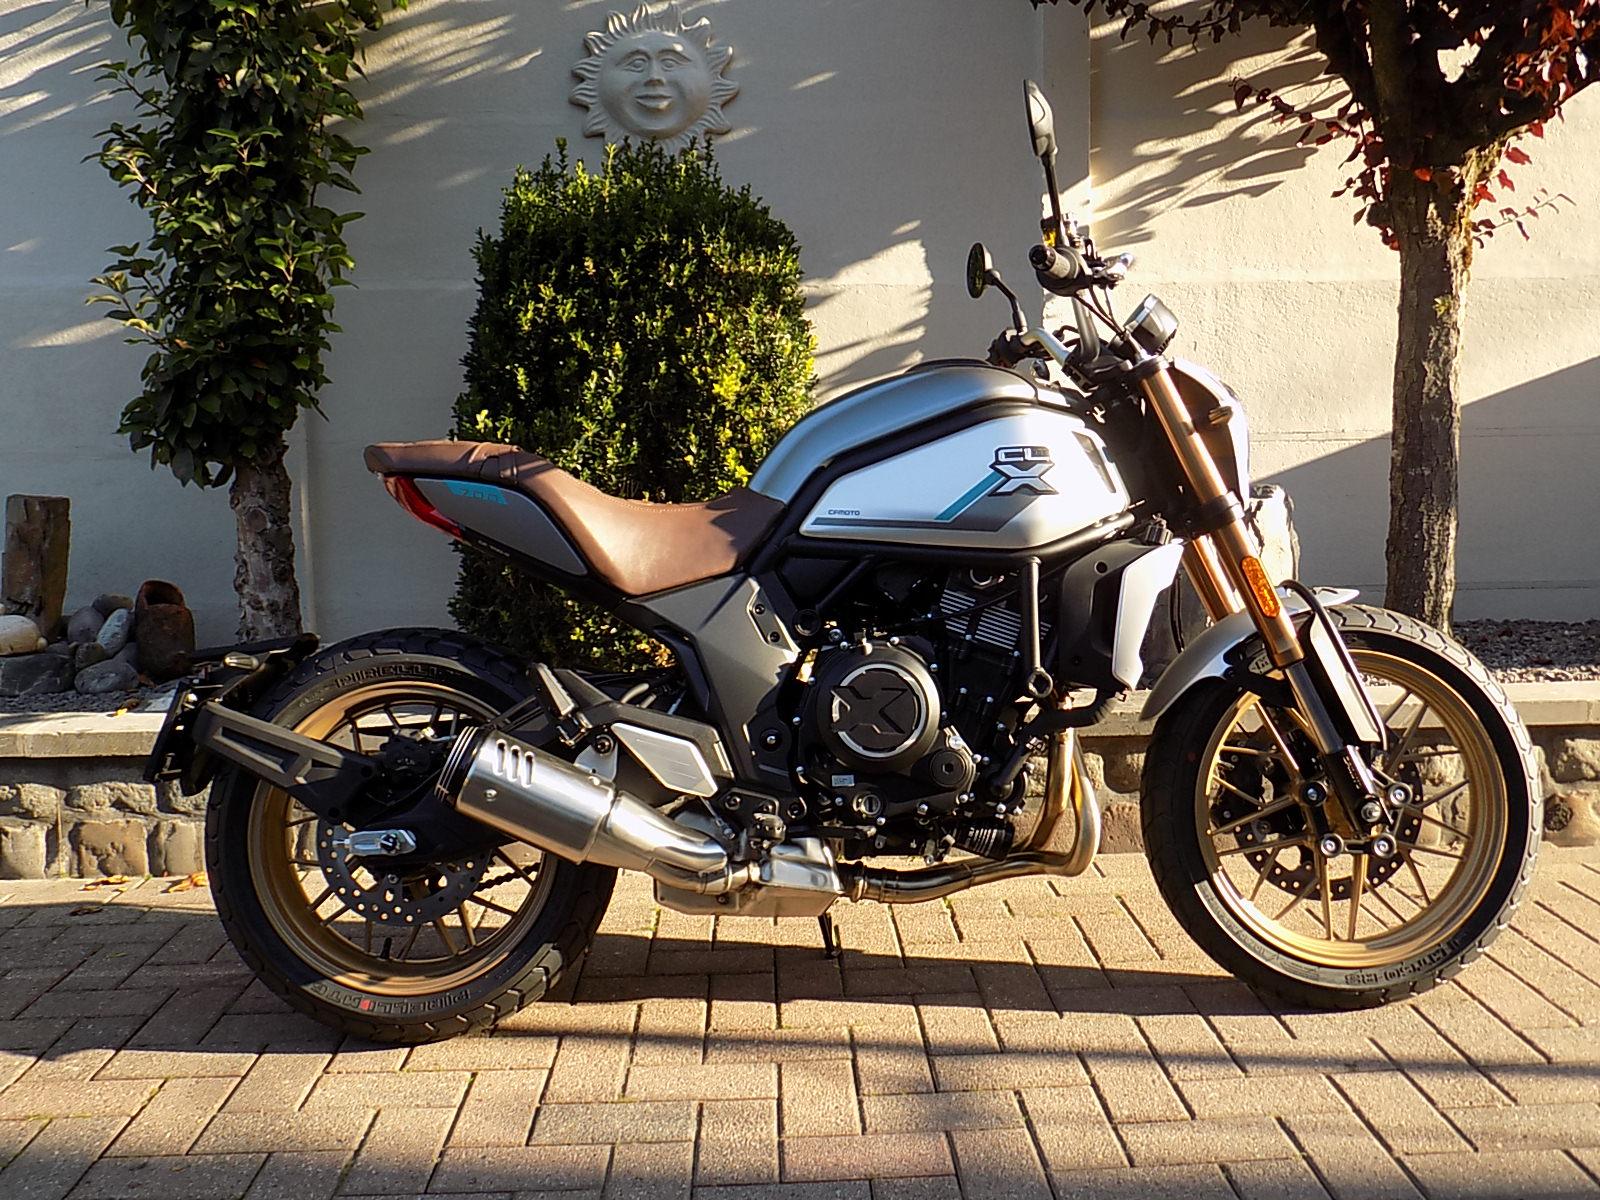 cf moto cl-x 700 (nieuw model)!!